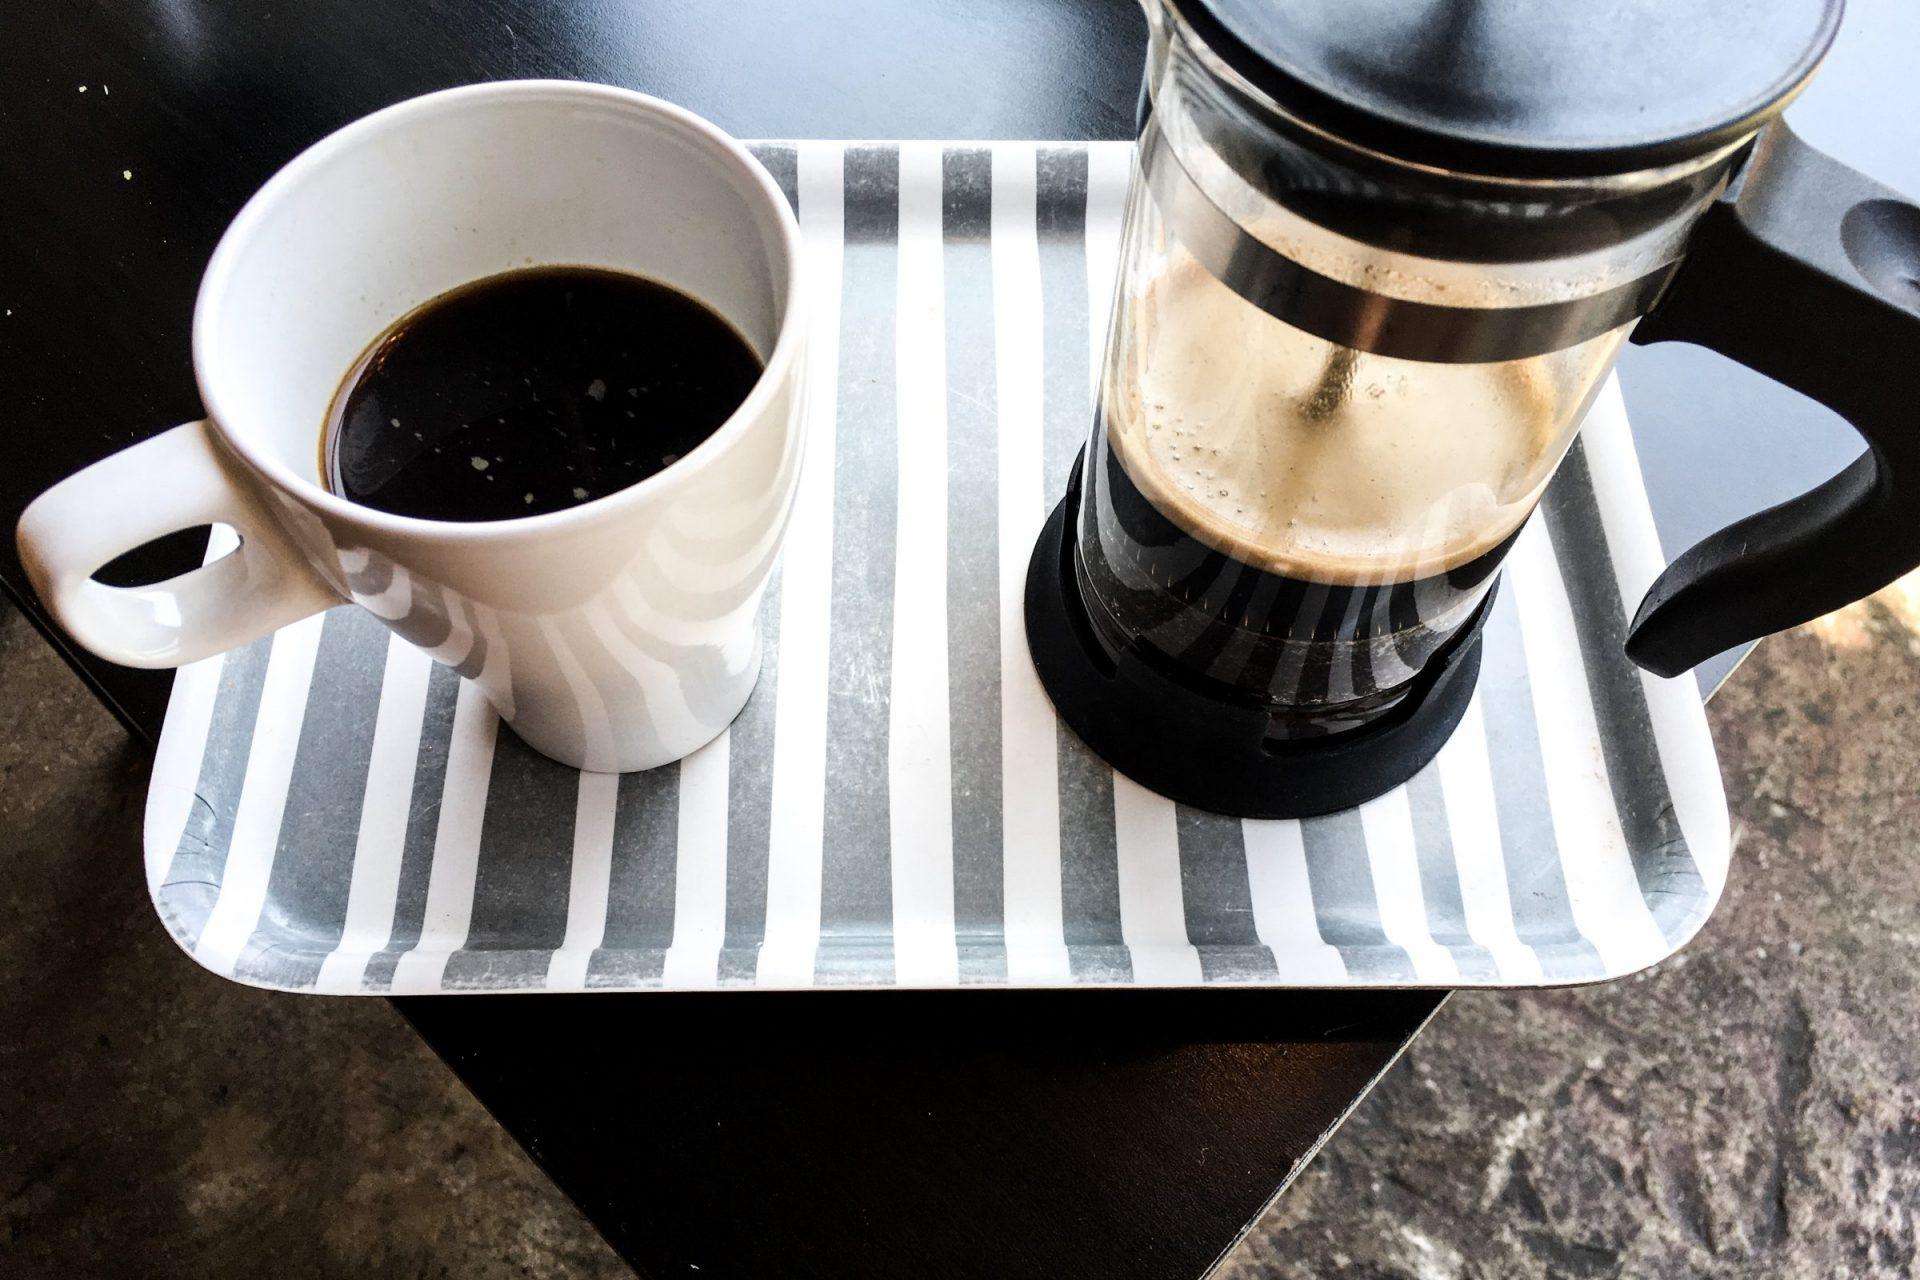 Coffee Mug & French Press on a Tray